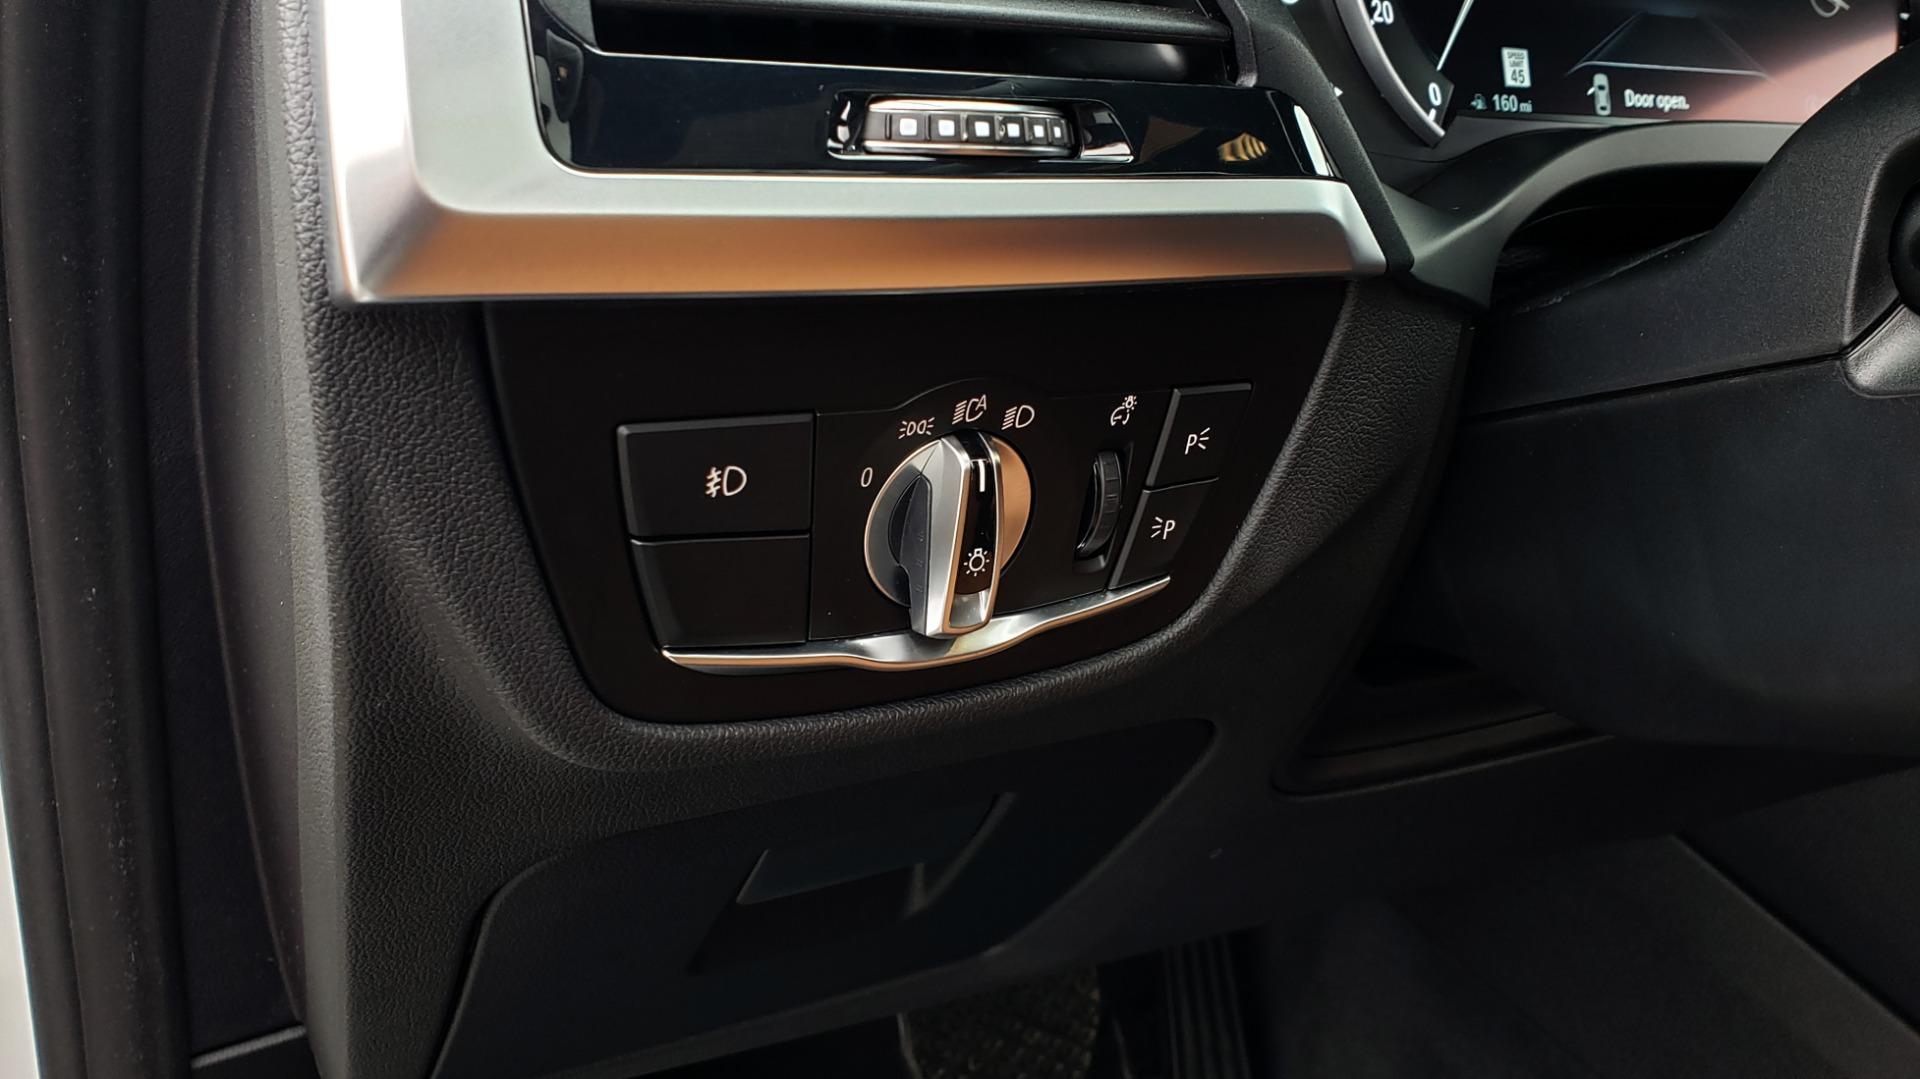 Used 2018 BMW X3 XDRIVE30I / LUX PKG / PREM PKG / CONV PKG / PDC / APPLE CARPLAY for sale Sold at Formula Imports in Charlotte NC 28227 41